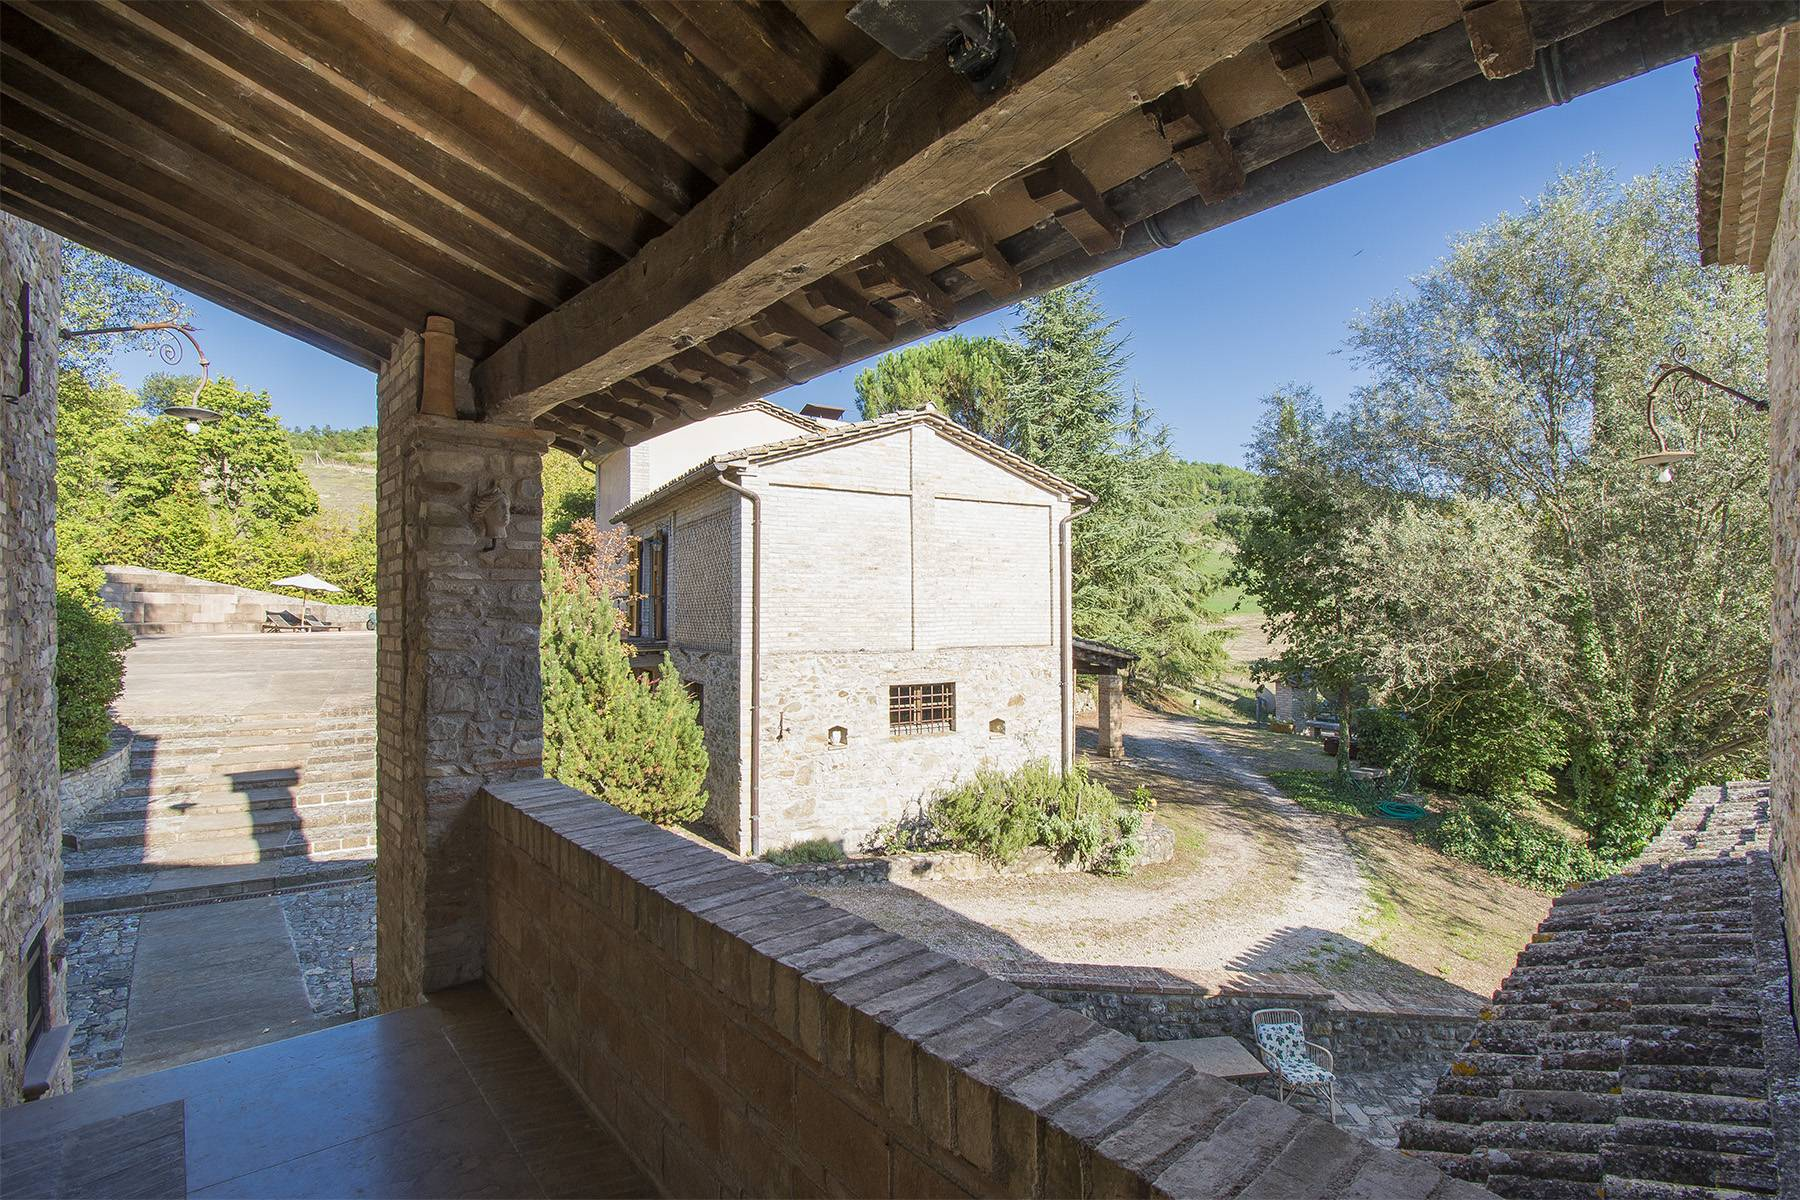 Rustico in Vendita a Montone: 5 locali, 700 mq - Foto 29